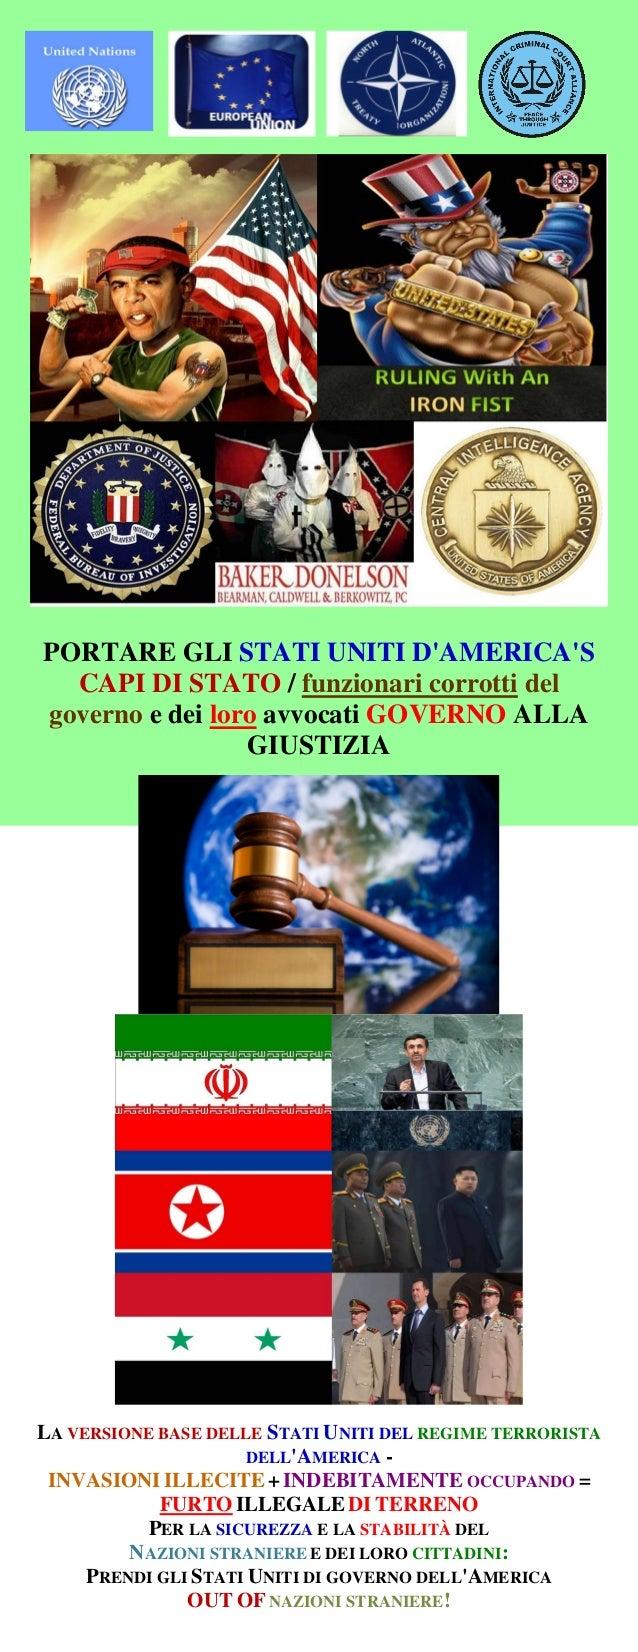 PORTARE GLI STATI UNITI D'AMERICA'S CAPI DI STATO / funzionari corrotti del governo e dei loro avvocati GOVERNO ALLA GIUST...